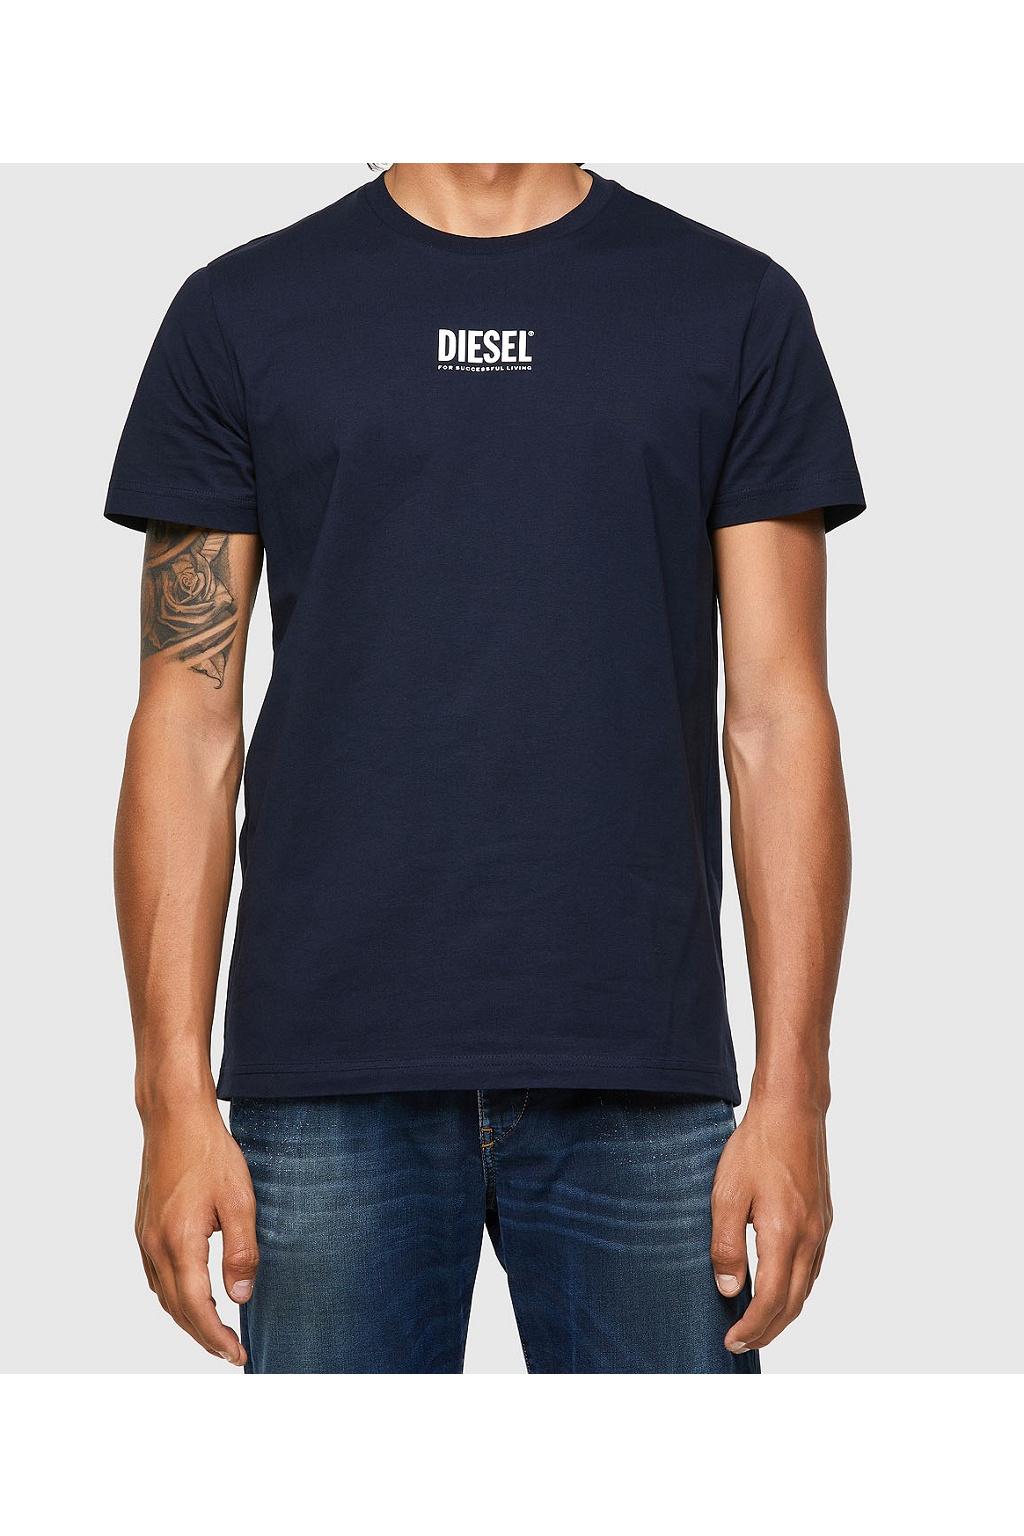 Pánské tričko Diesel T Diegos Ecosmallogo modré